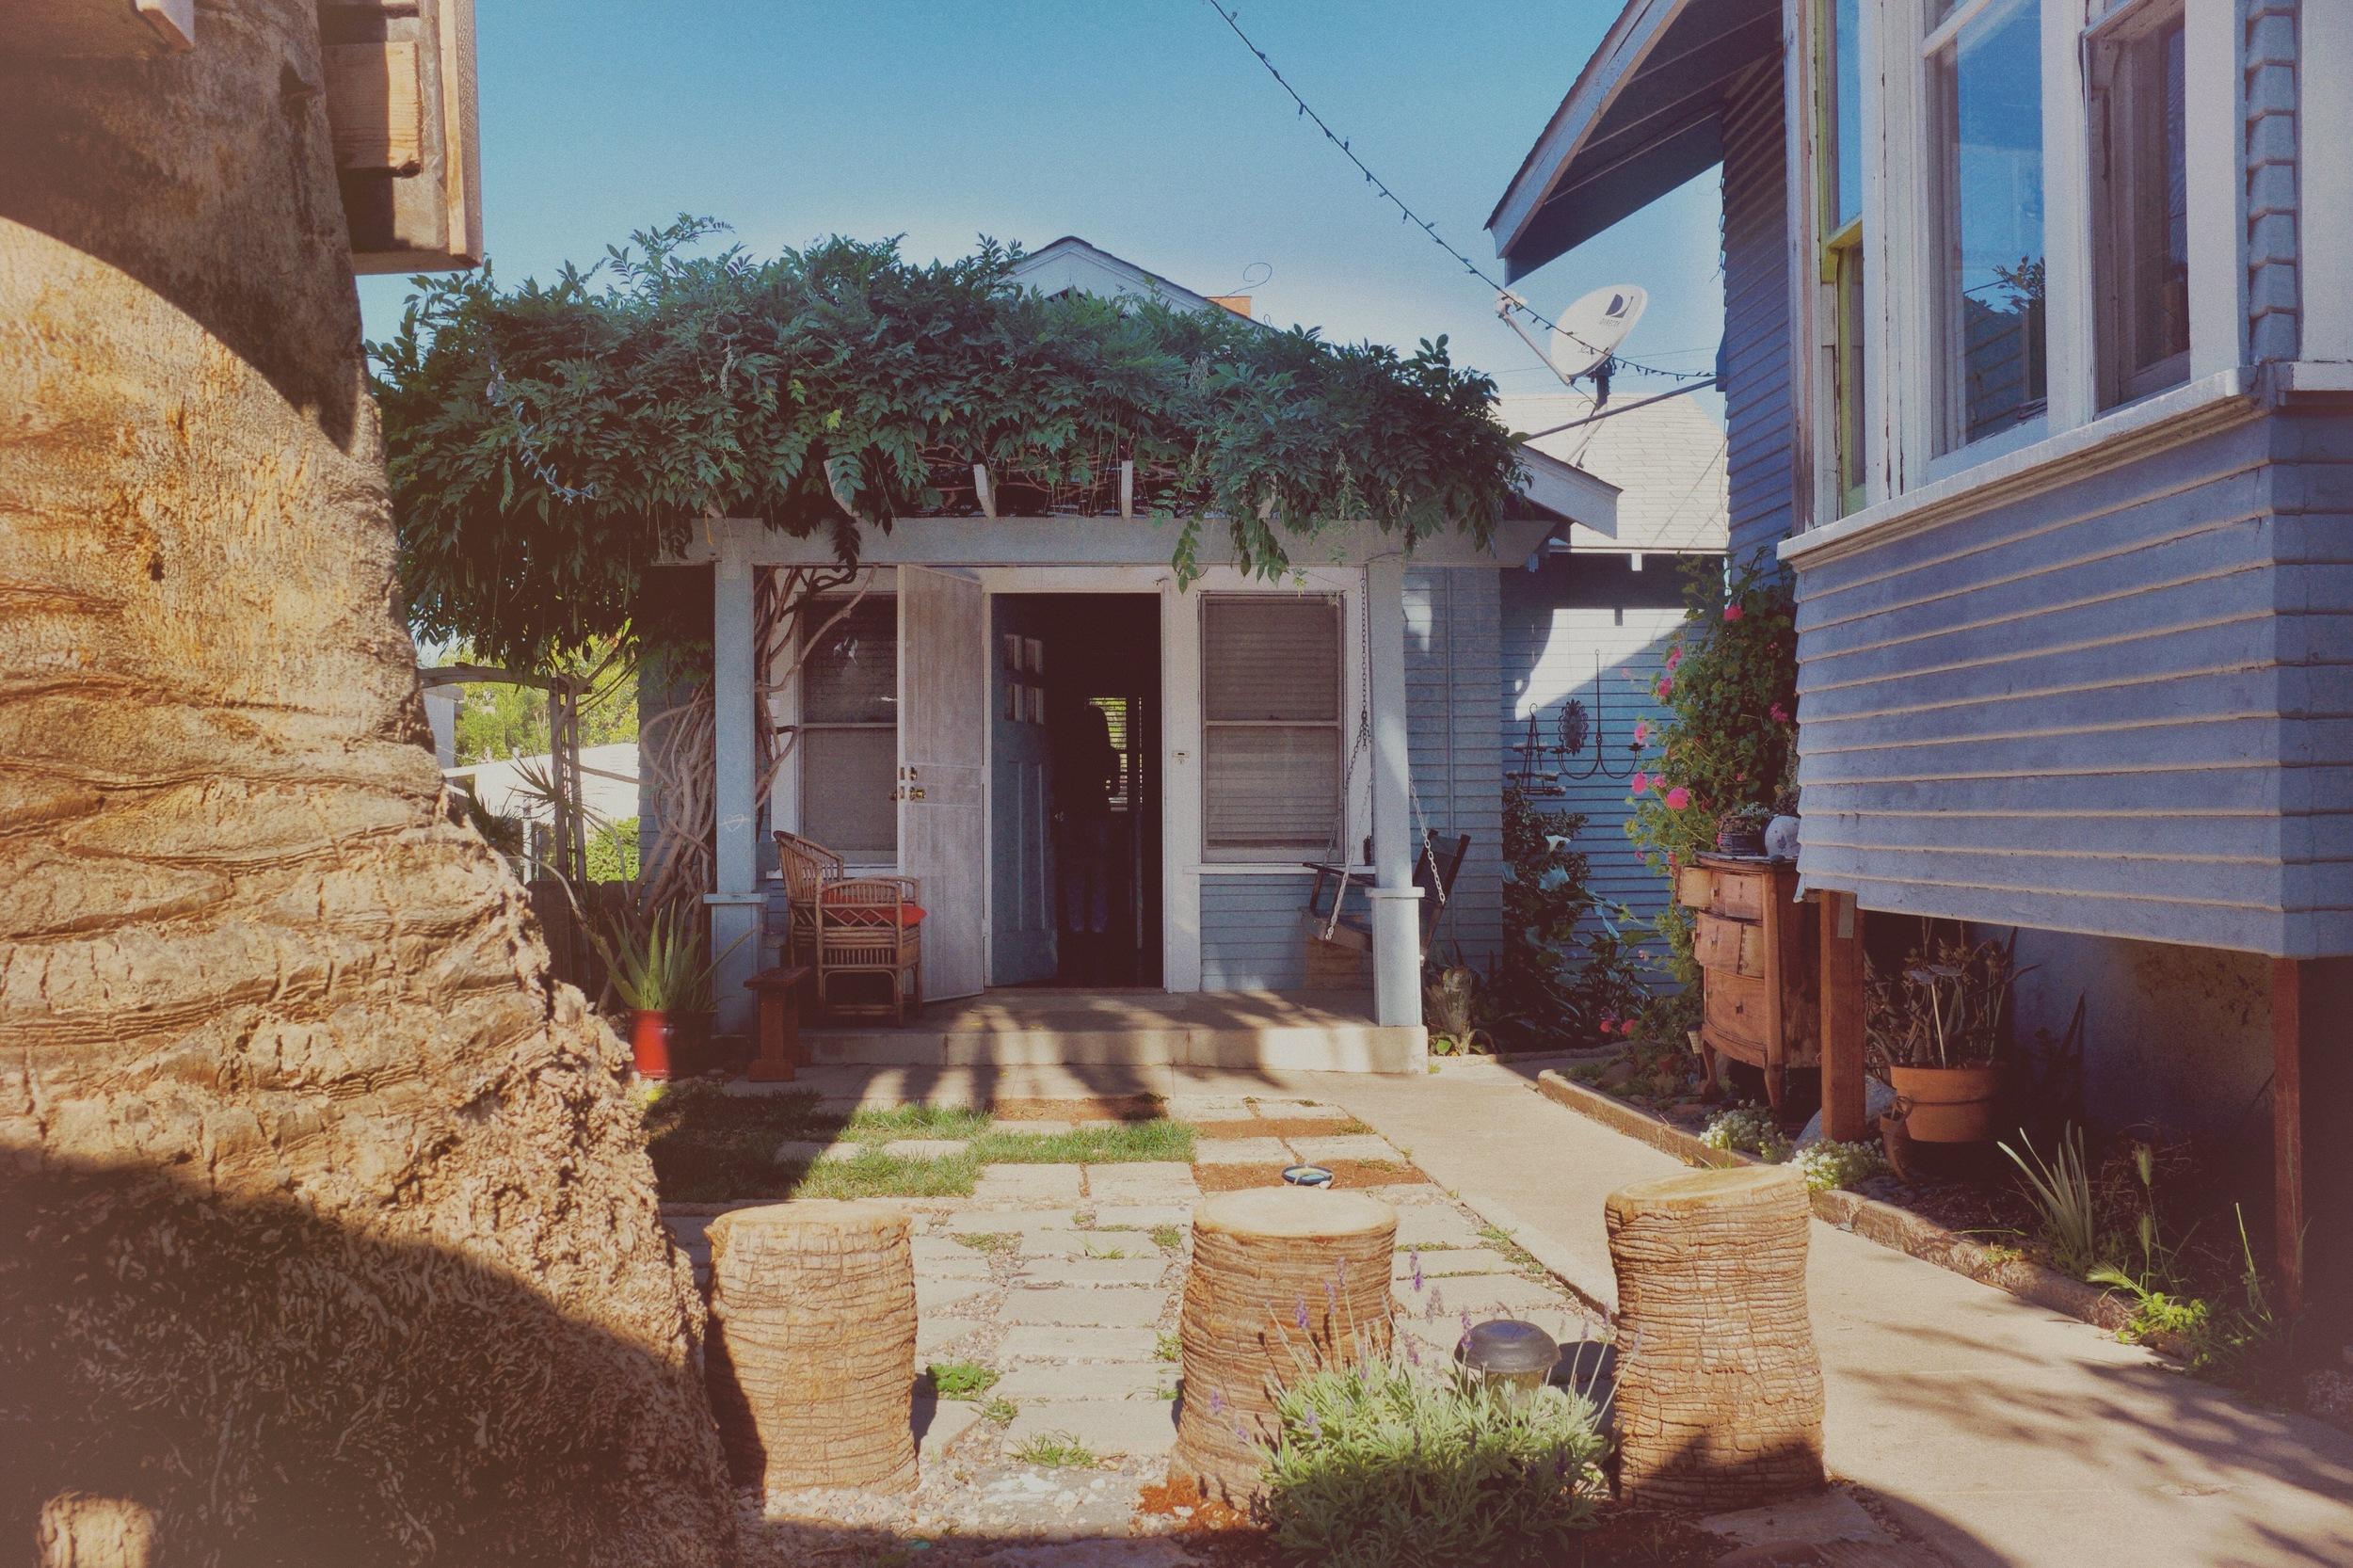 Domek dla gości w North Park w San Diego